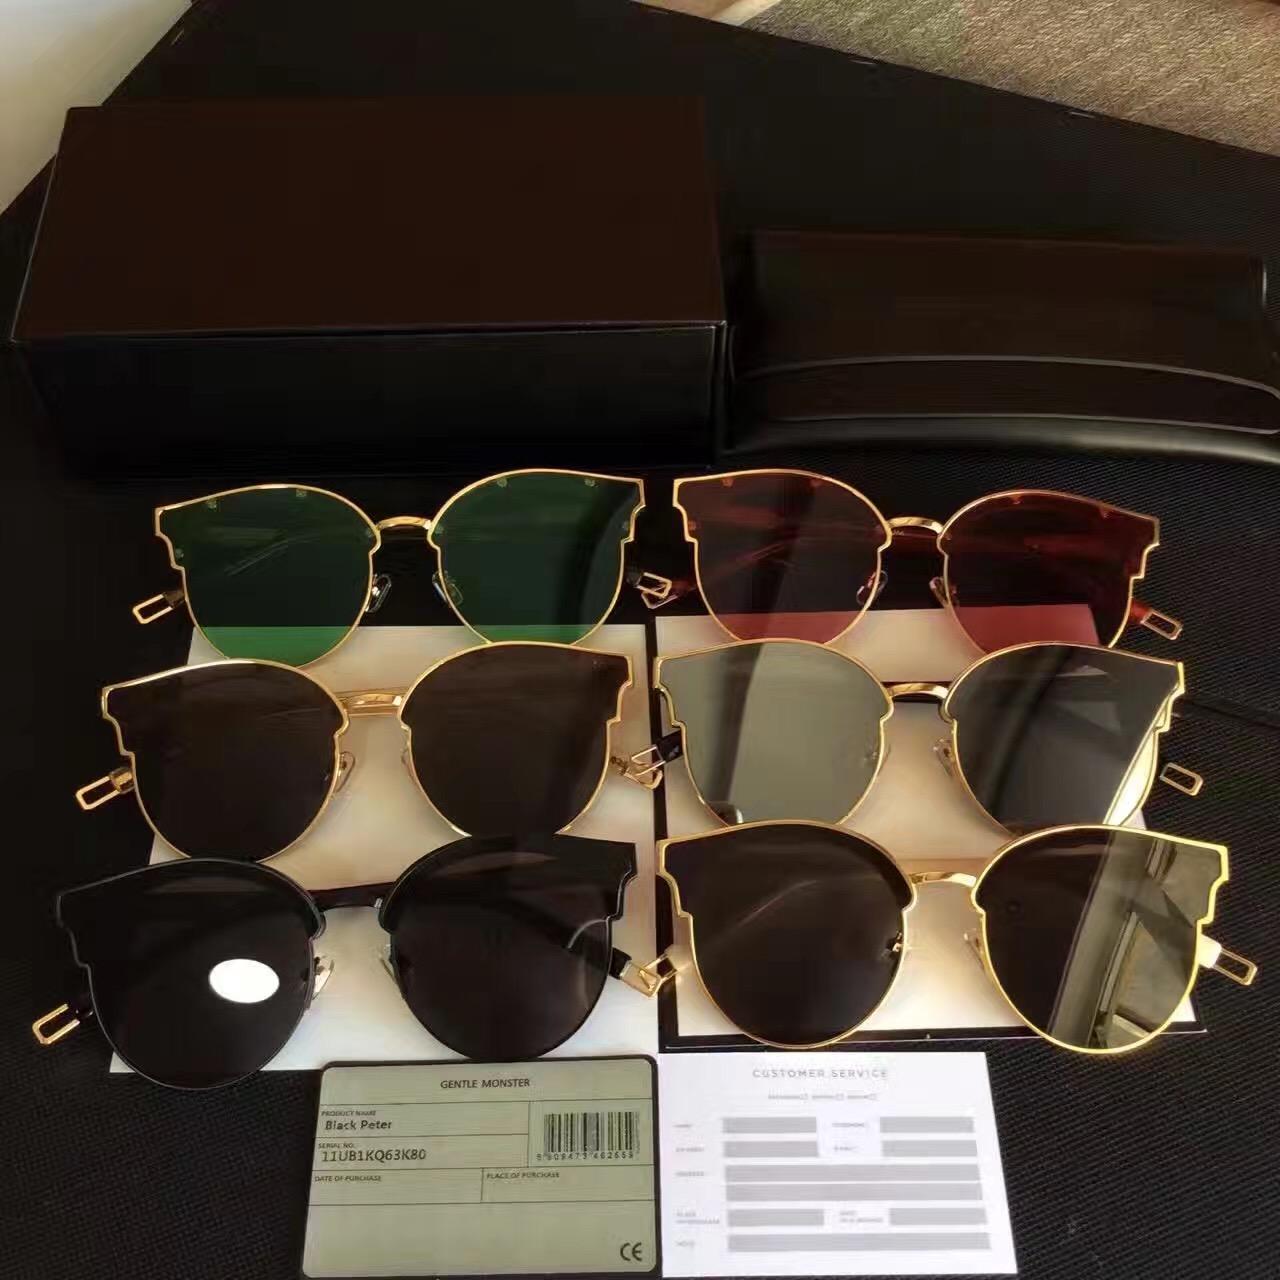 这是第7张各种大牌太阳镜镜框 支持一件代发的货源图片